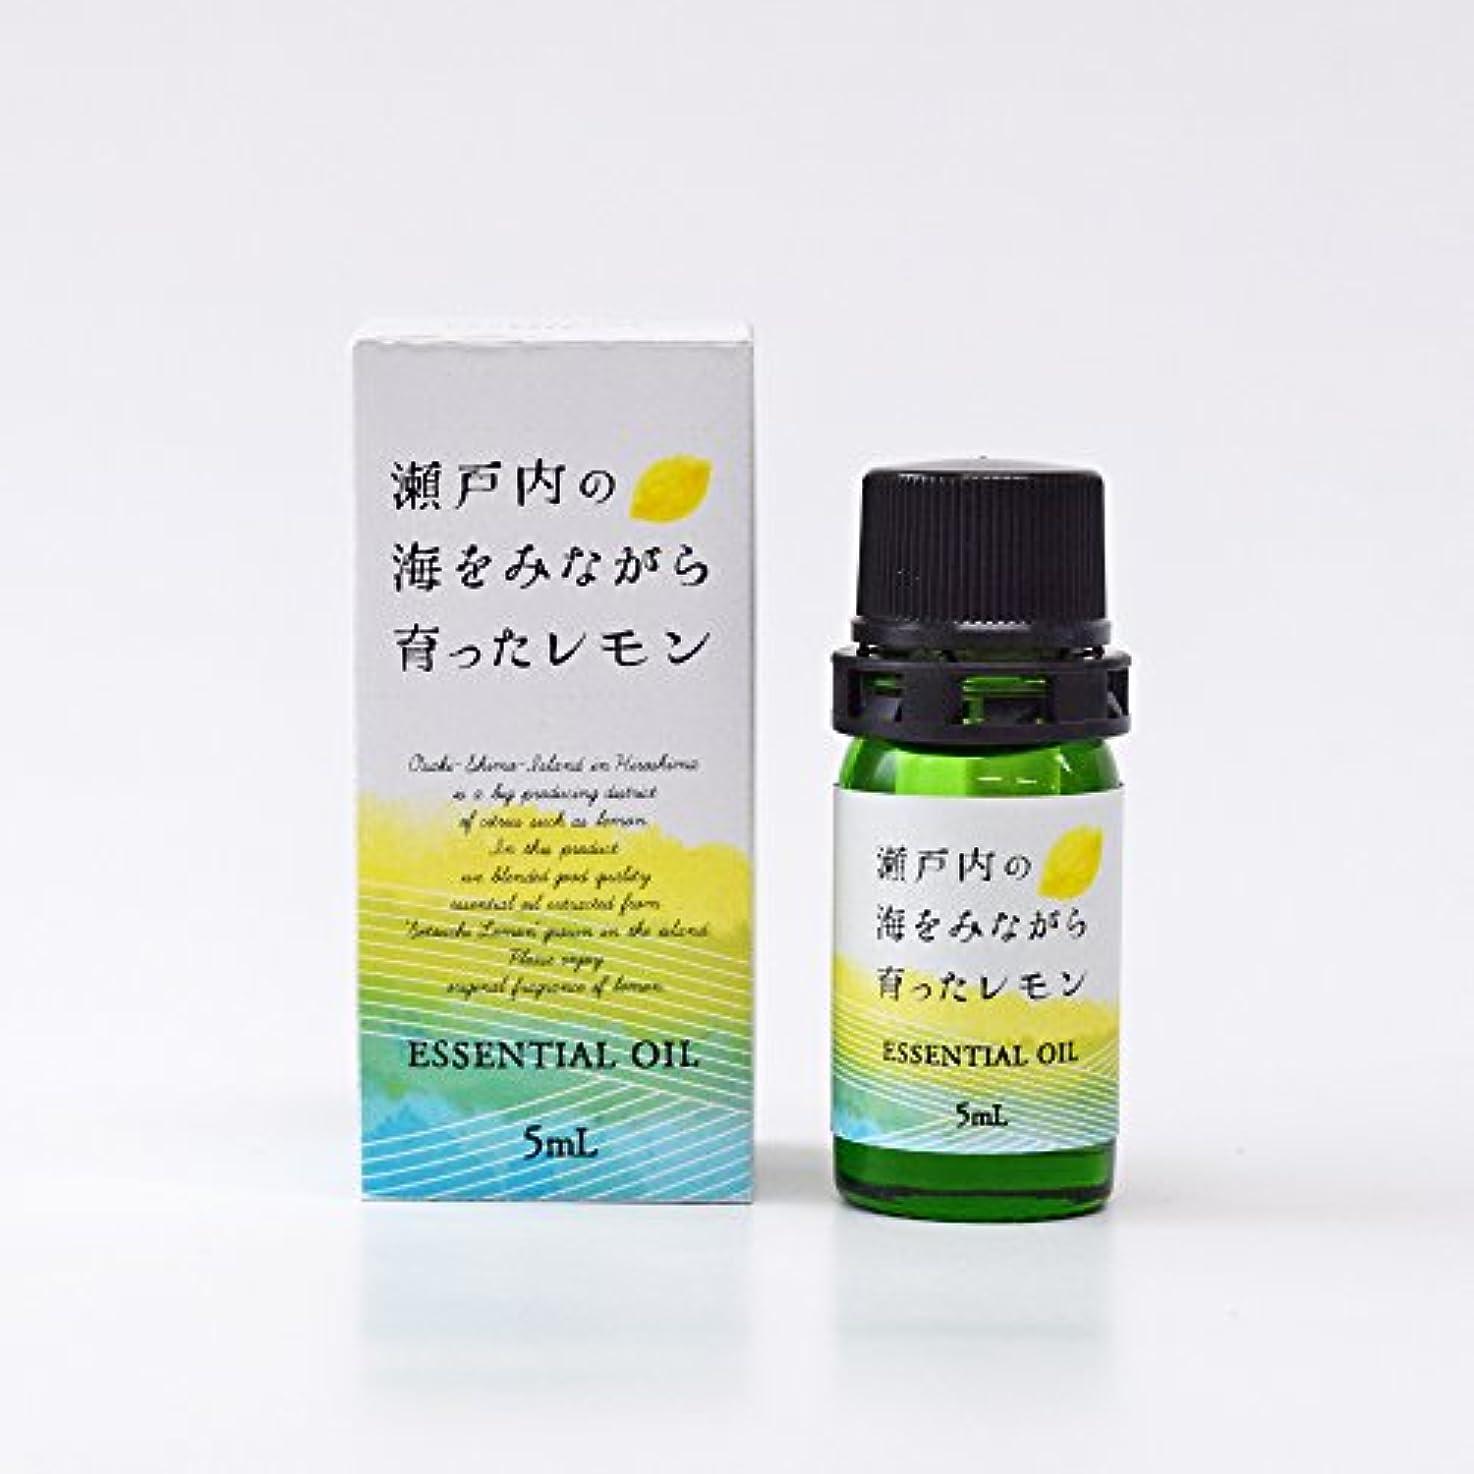 レモン エッセンシャルオイル